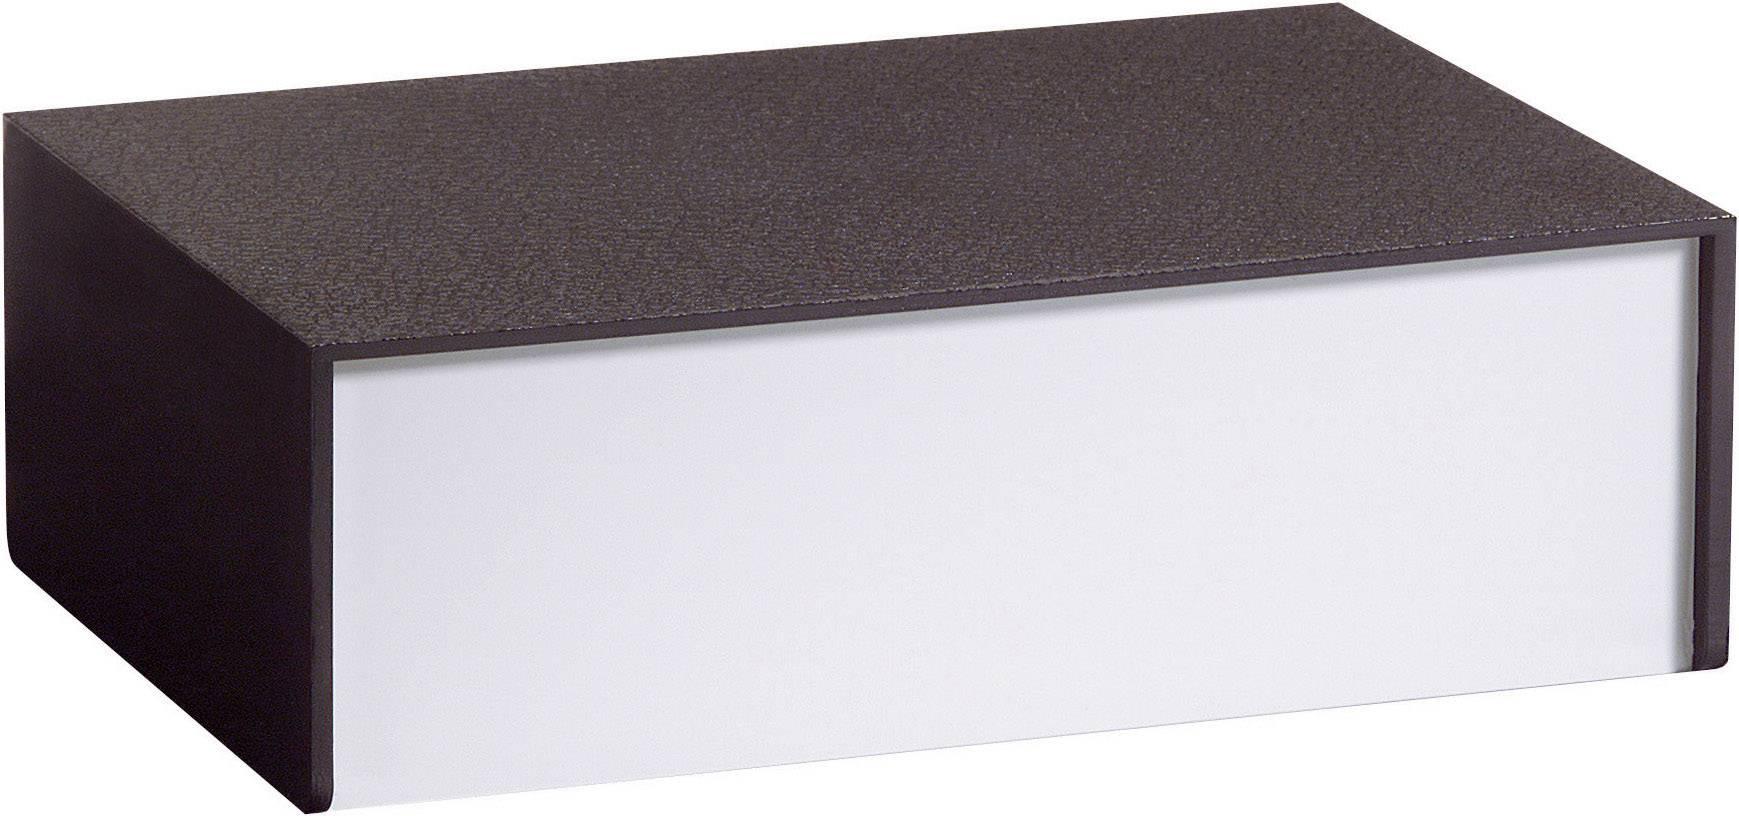 Univerzální pouzdro Strapubox 5002, 168 x 117 x 56 , ABS, černošedá